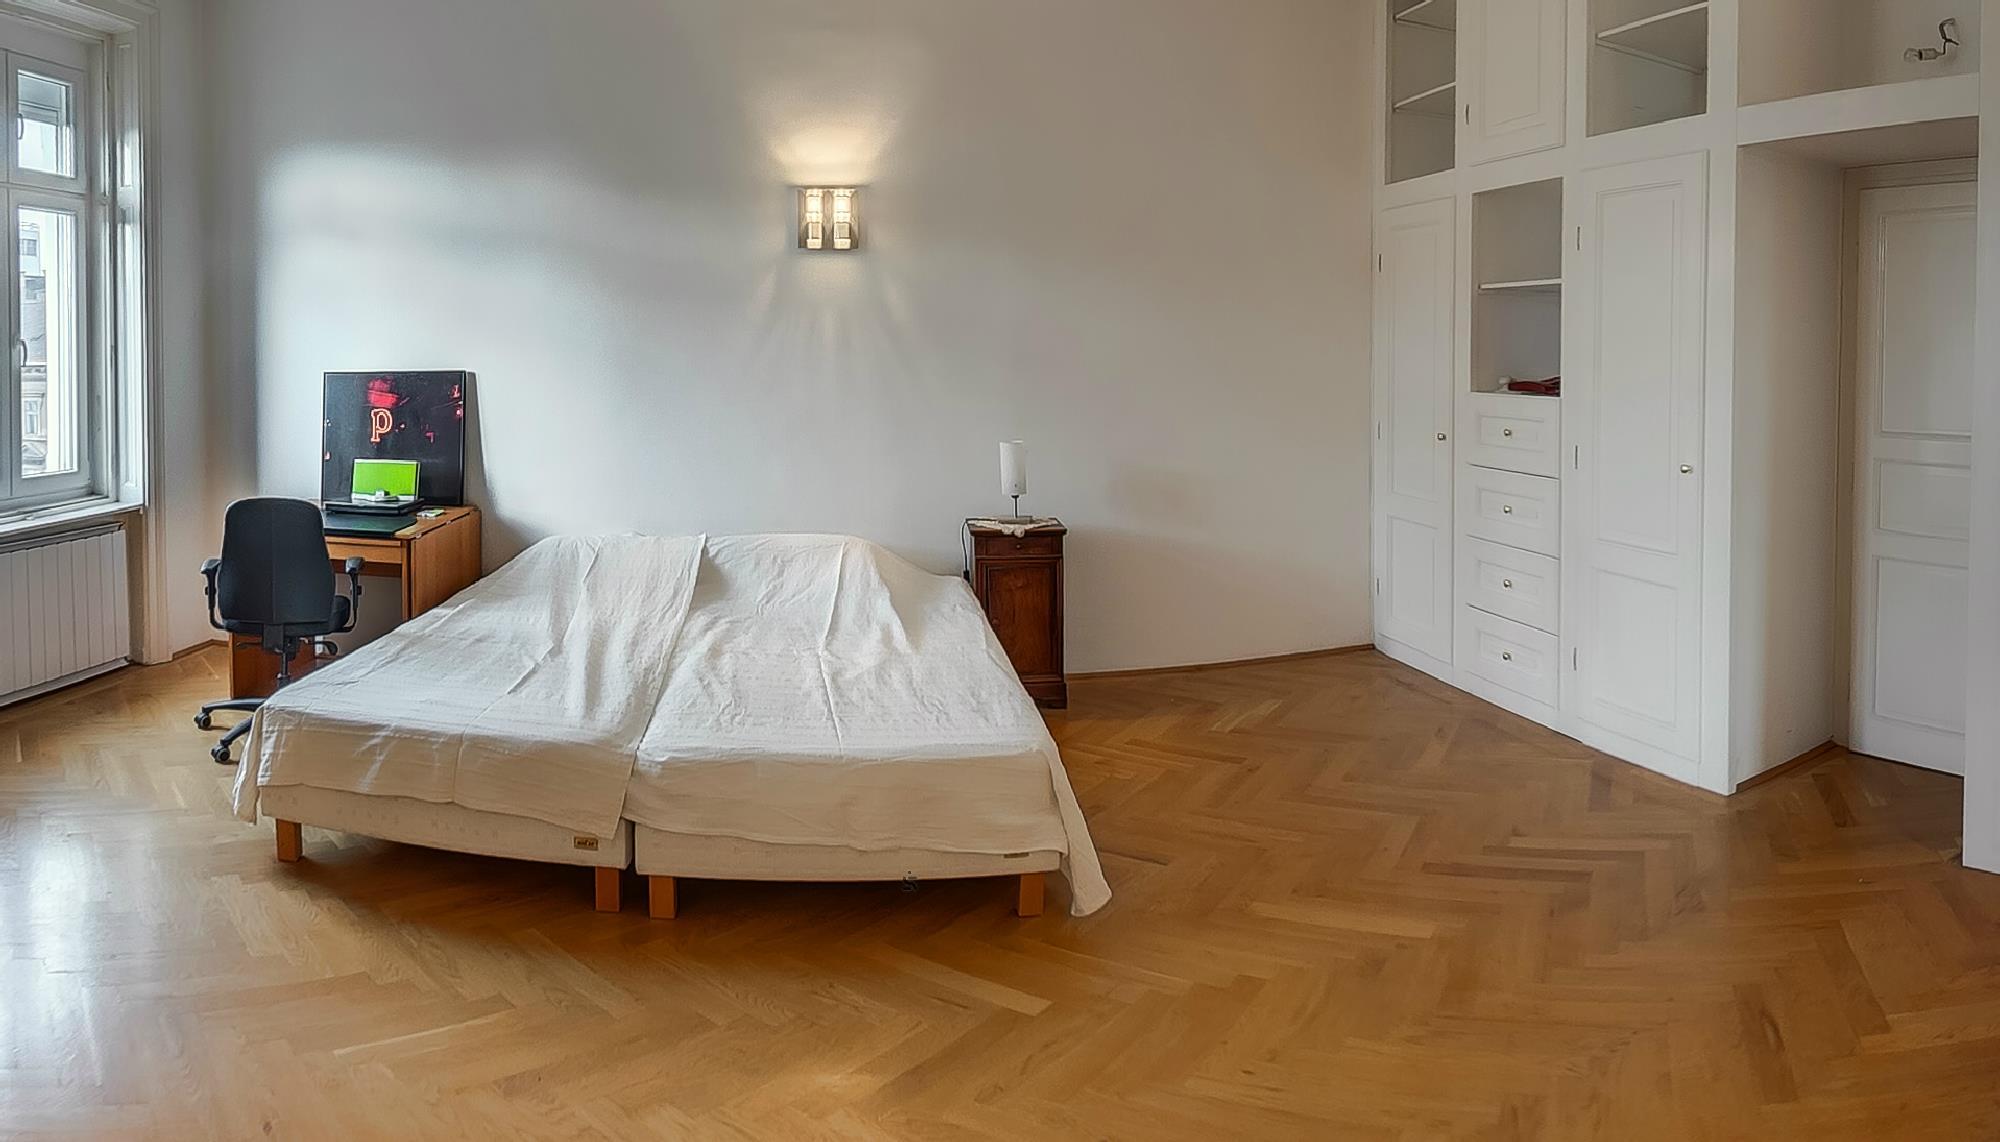 Ingatlanséta - Eladó ingatlan Budapest 06 1823854